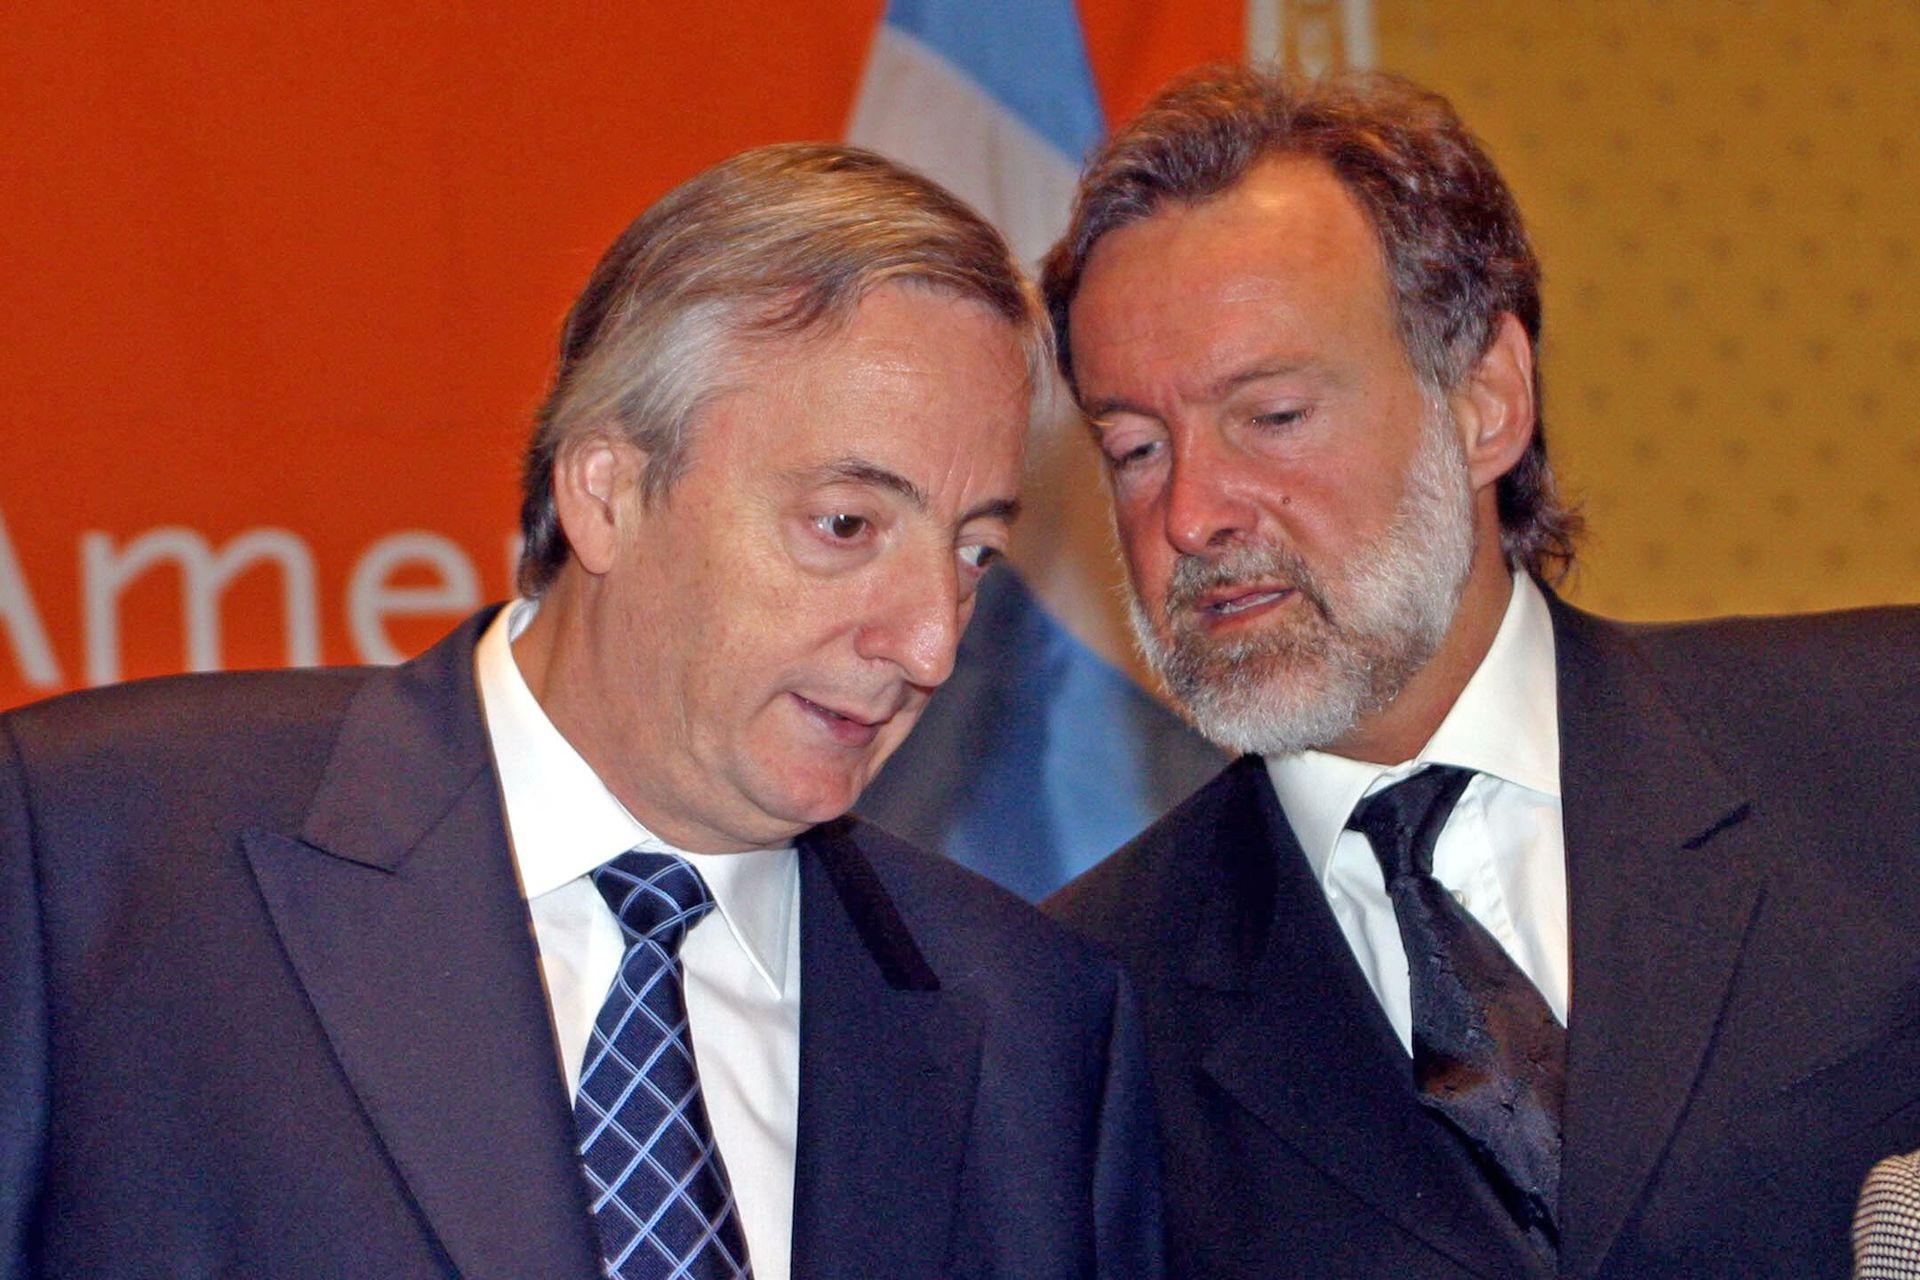 Néstor Kirchner le había ordenado a Rafael Bielsa que intente cobrar la deuda con Cuba. El canciller lo discutió cara a cara con Fidel Castro, avanzó en la negociación con el presidente del Banco Central Cubano, Francisco Soberbón.